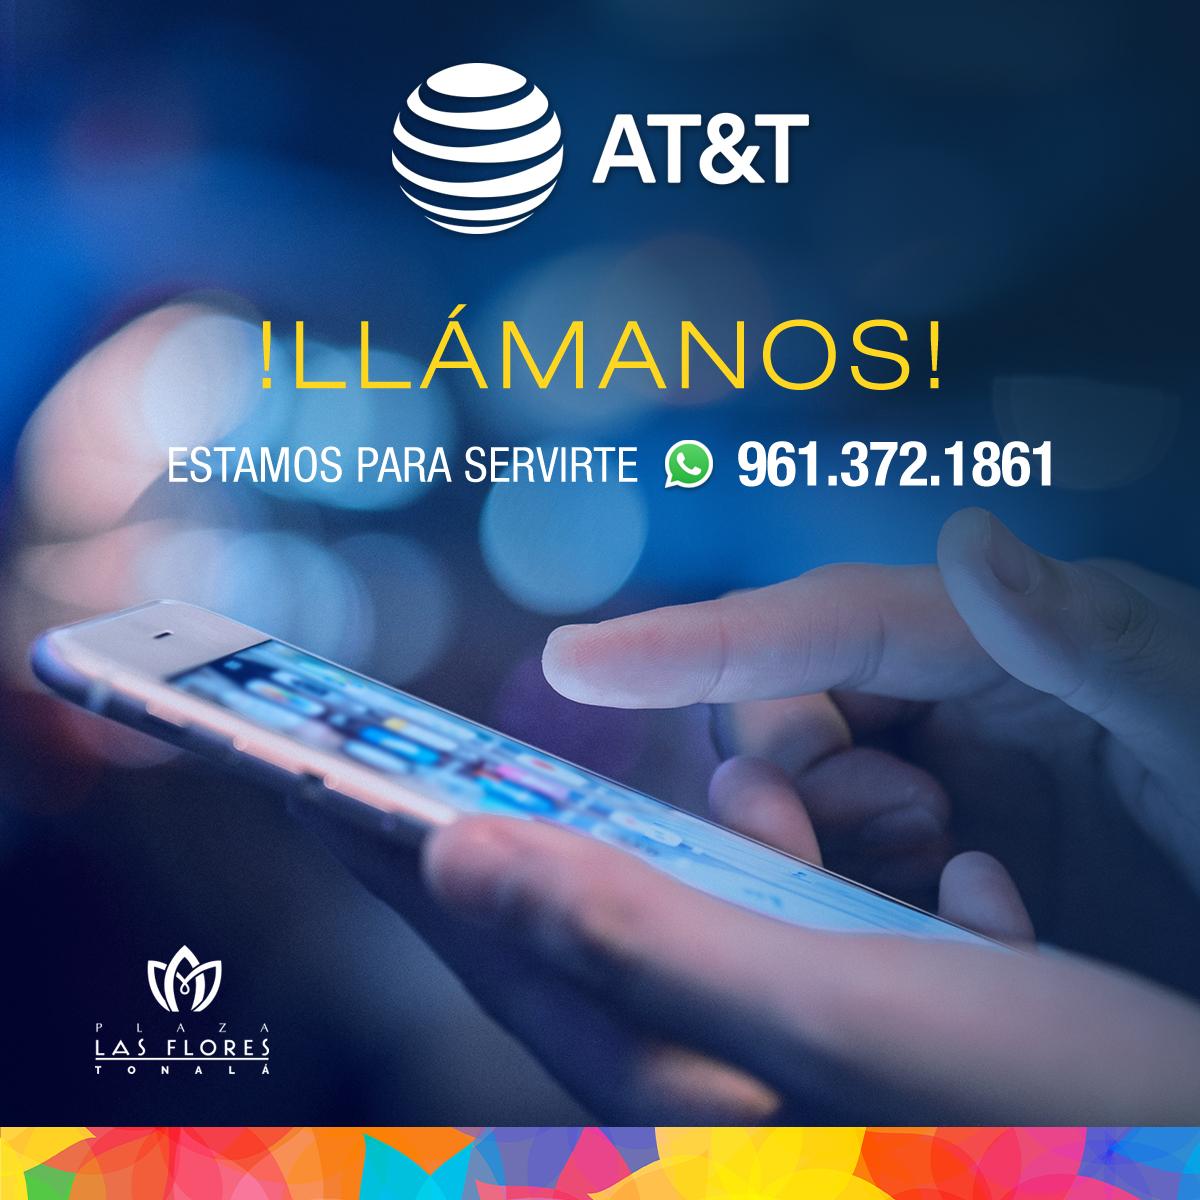 LasFlores-Telefonos-ATT copy